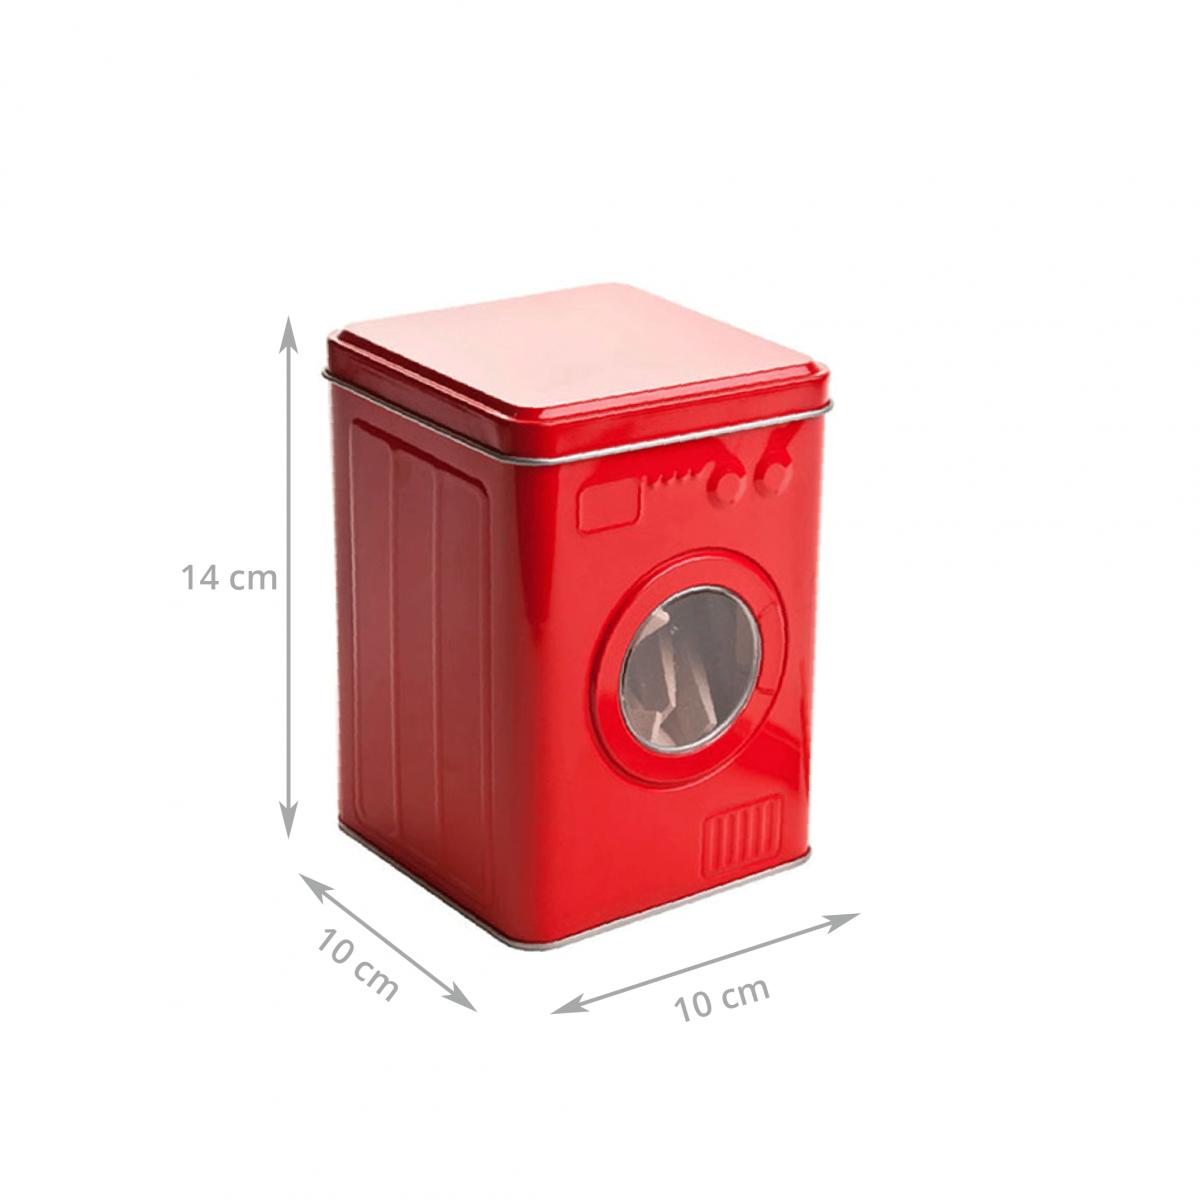 bo te de rangement pour pinces linge en m tal rouge et en forme de lave linge livraison. Black Bedroom Furniture Sets. Home Design Ideas